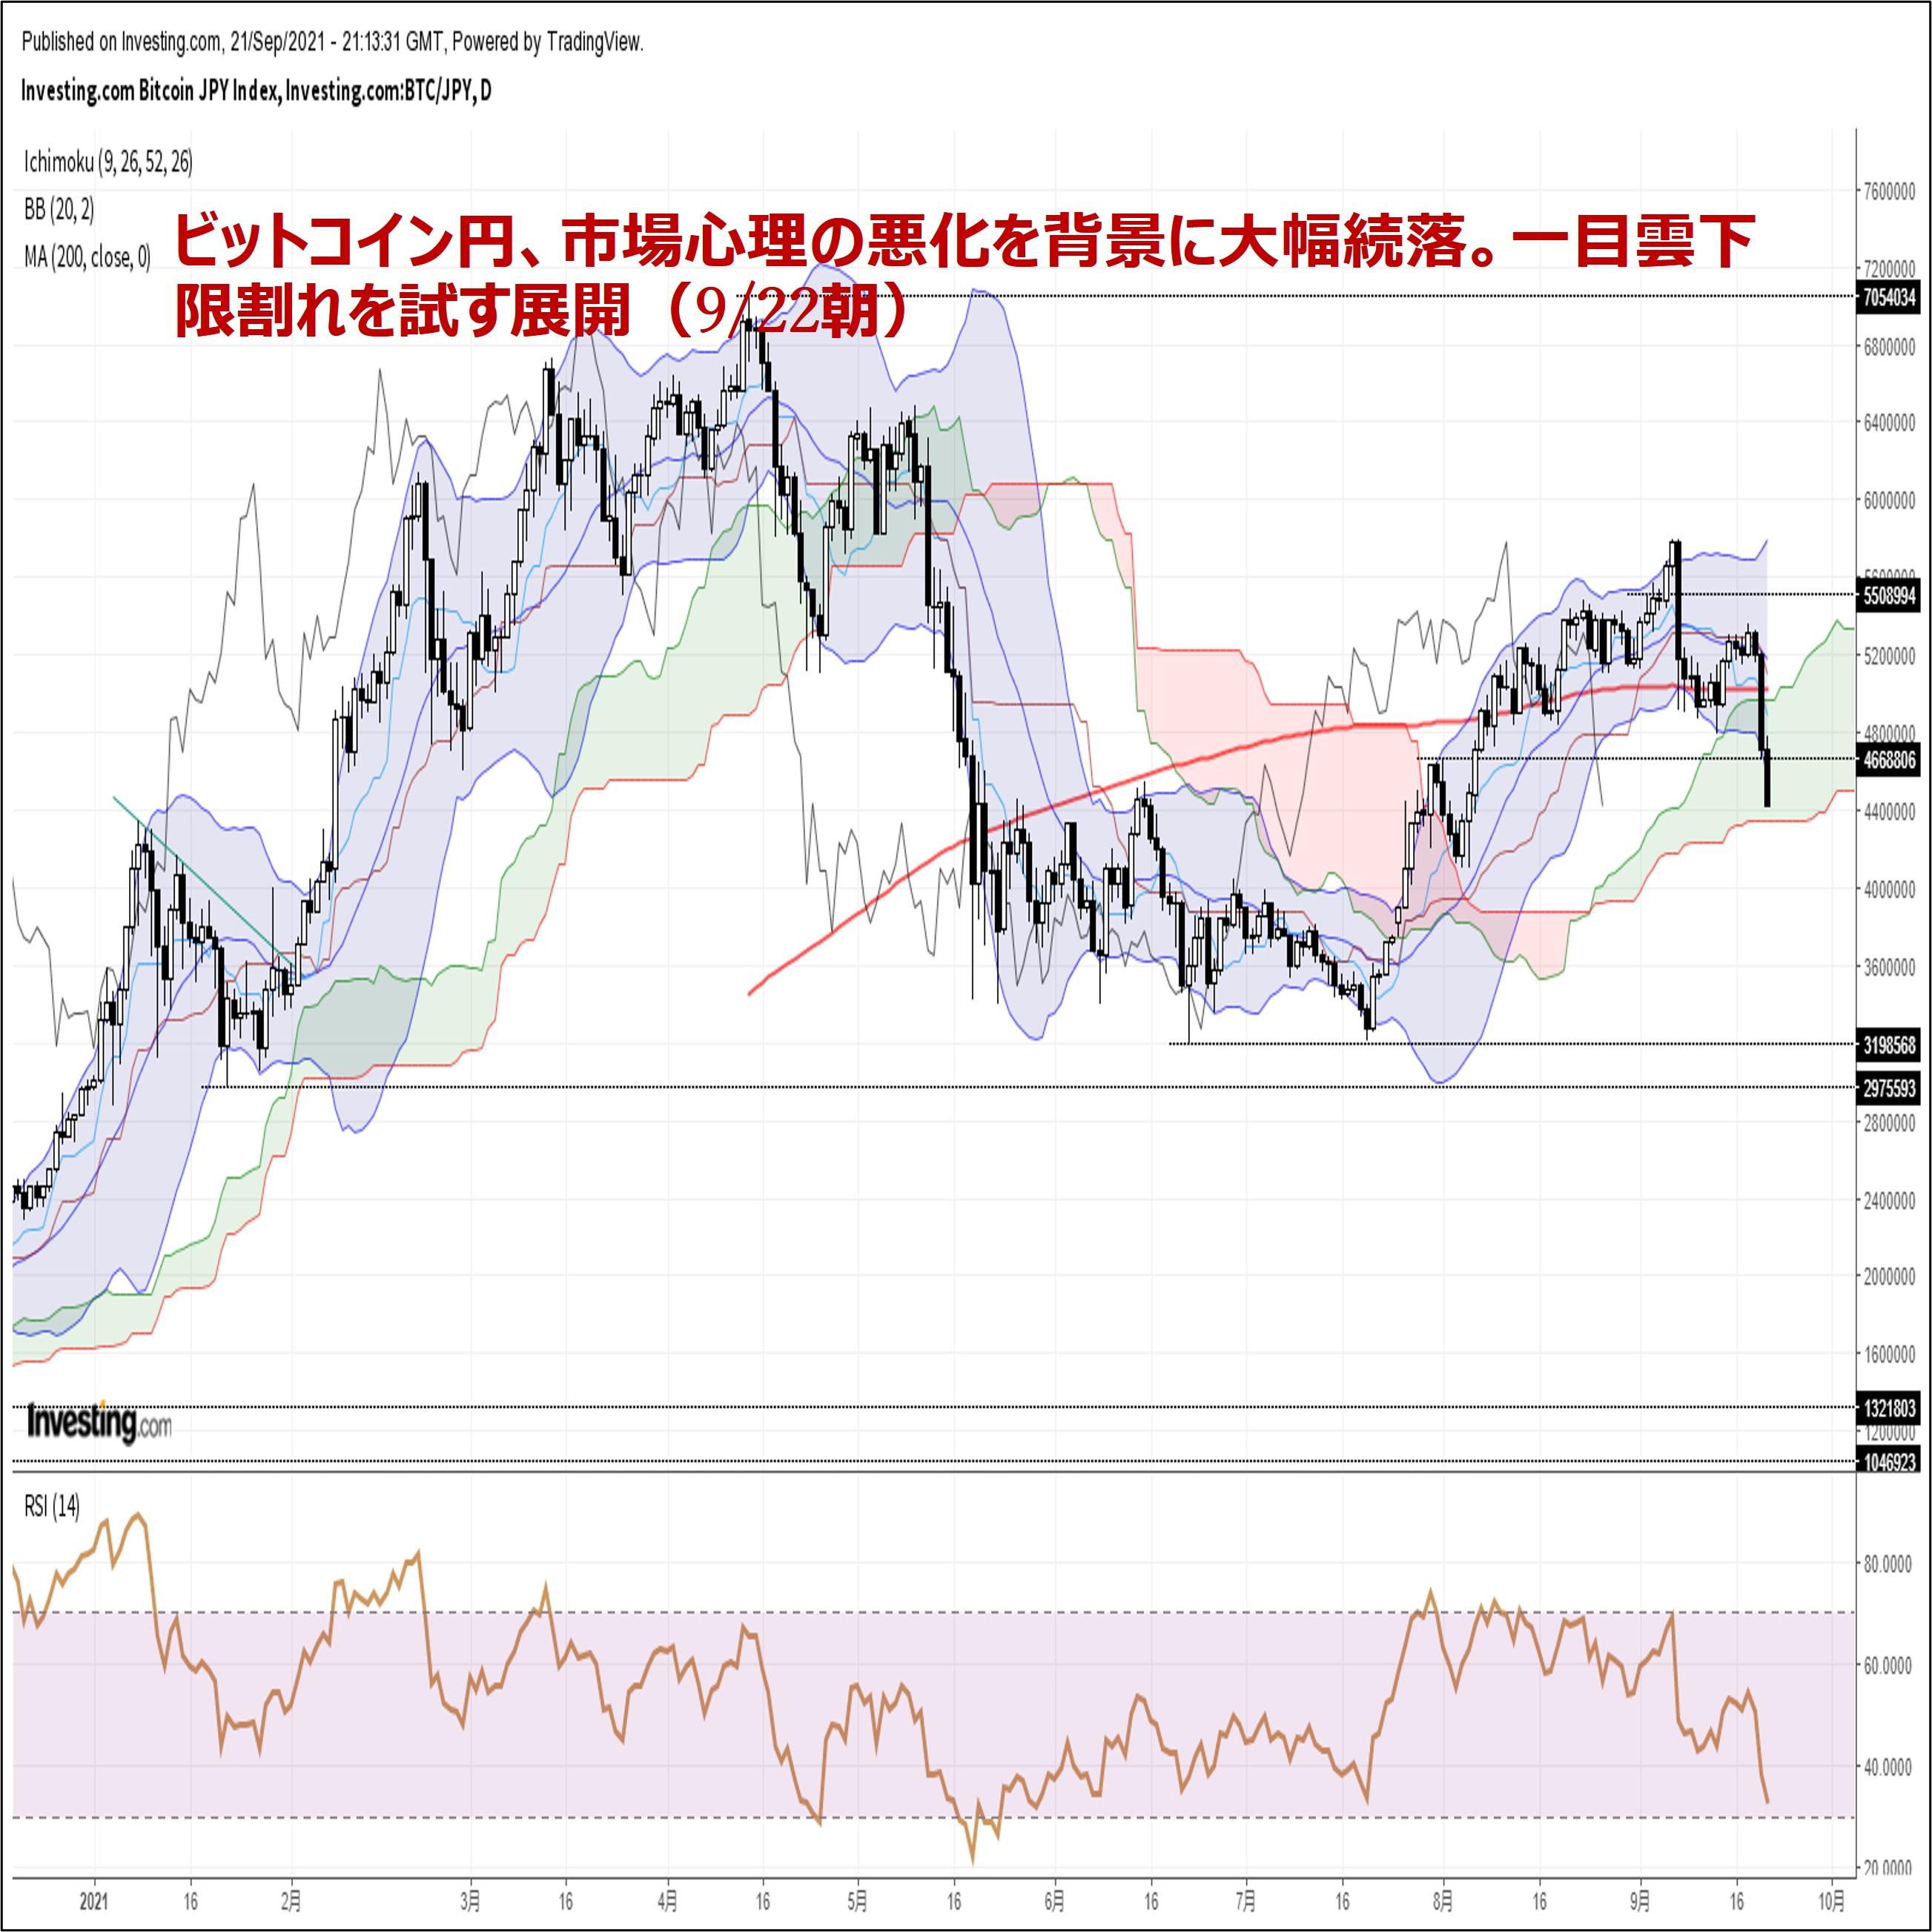 ビットコイン円、市場心理の悪化を背景に大幅続落。一目雲下限割れを試す展開(9/22朝)